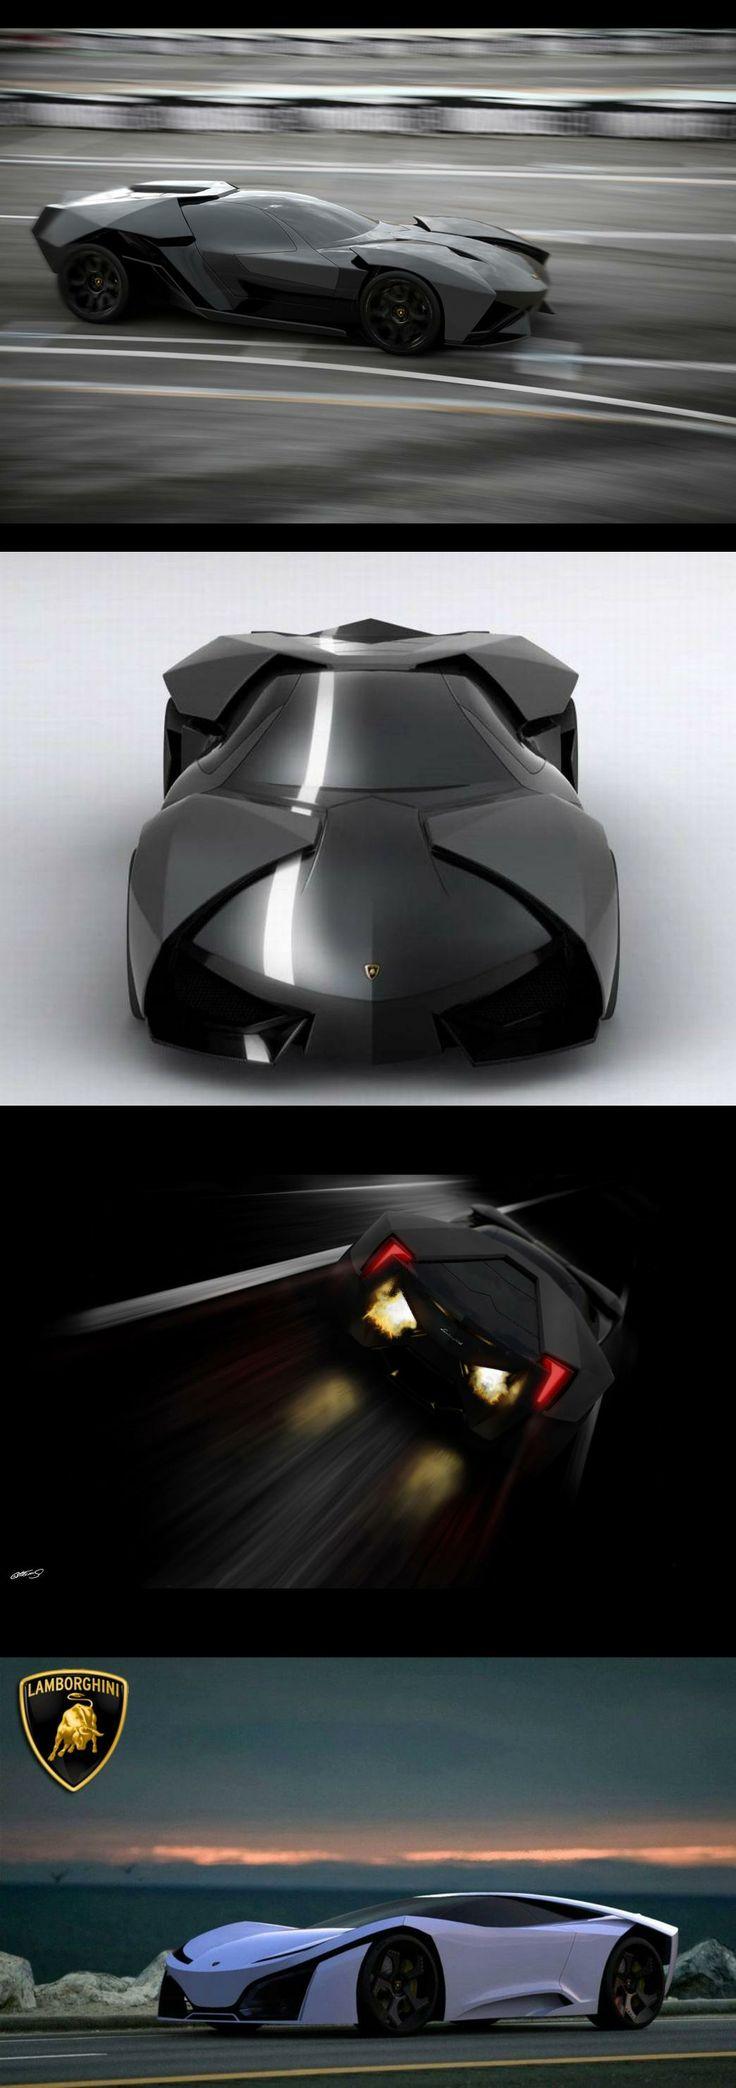 Lamborghini ankonian concept batmanartlamborghinihtml